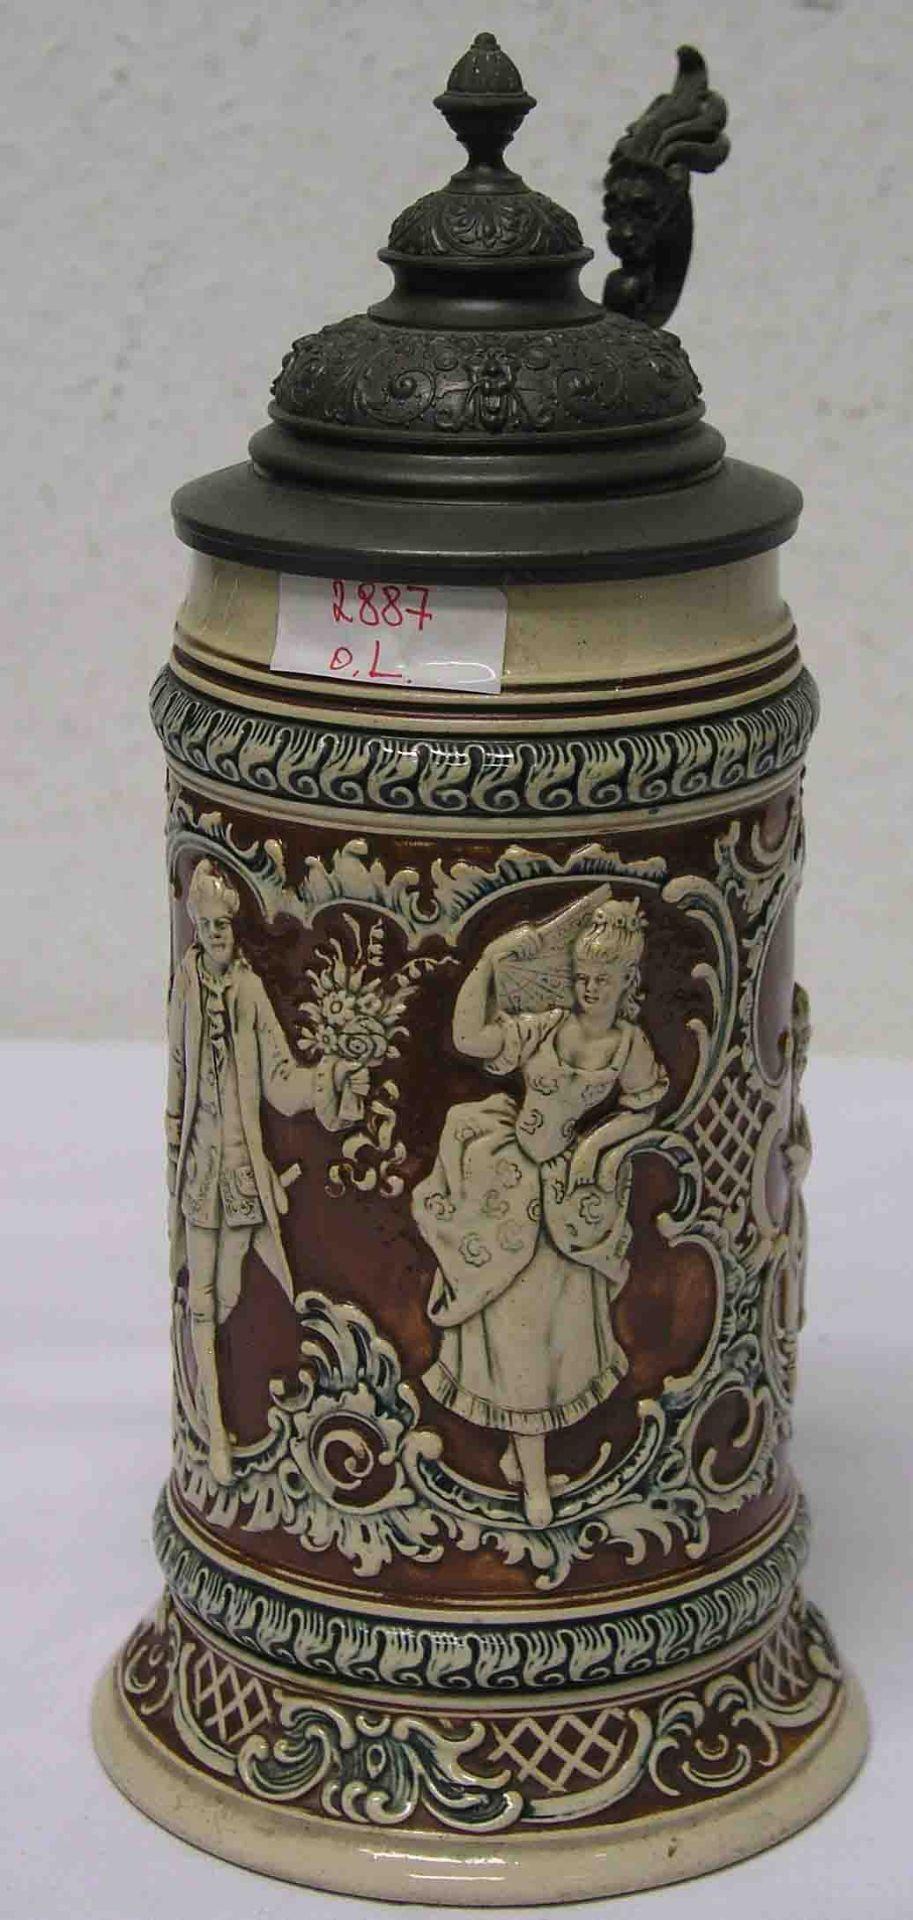 Bierkrug. Steinzeug, 19. Jh., 1 Liter.